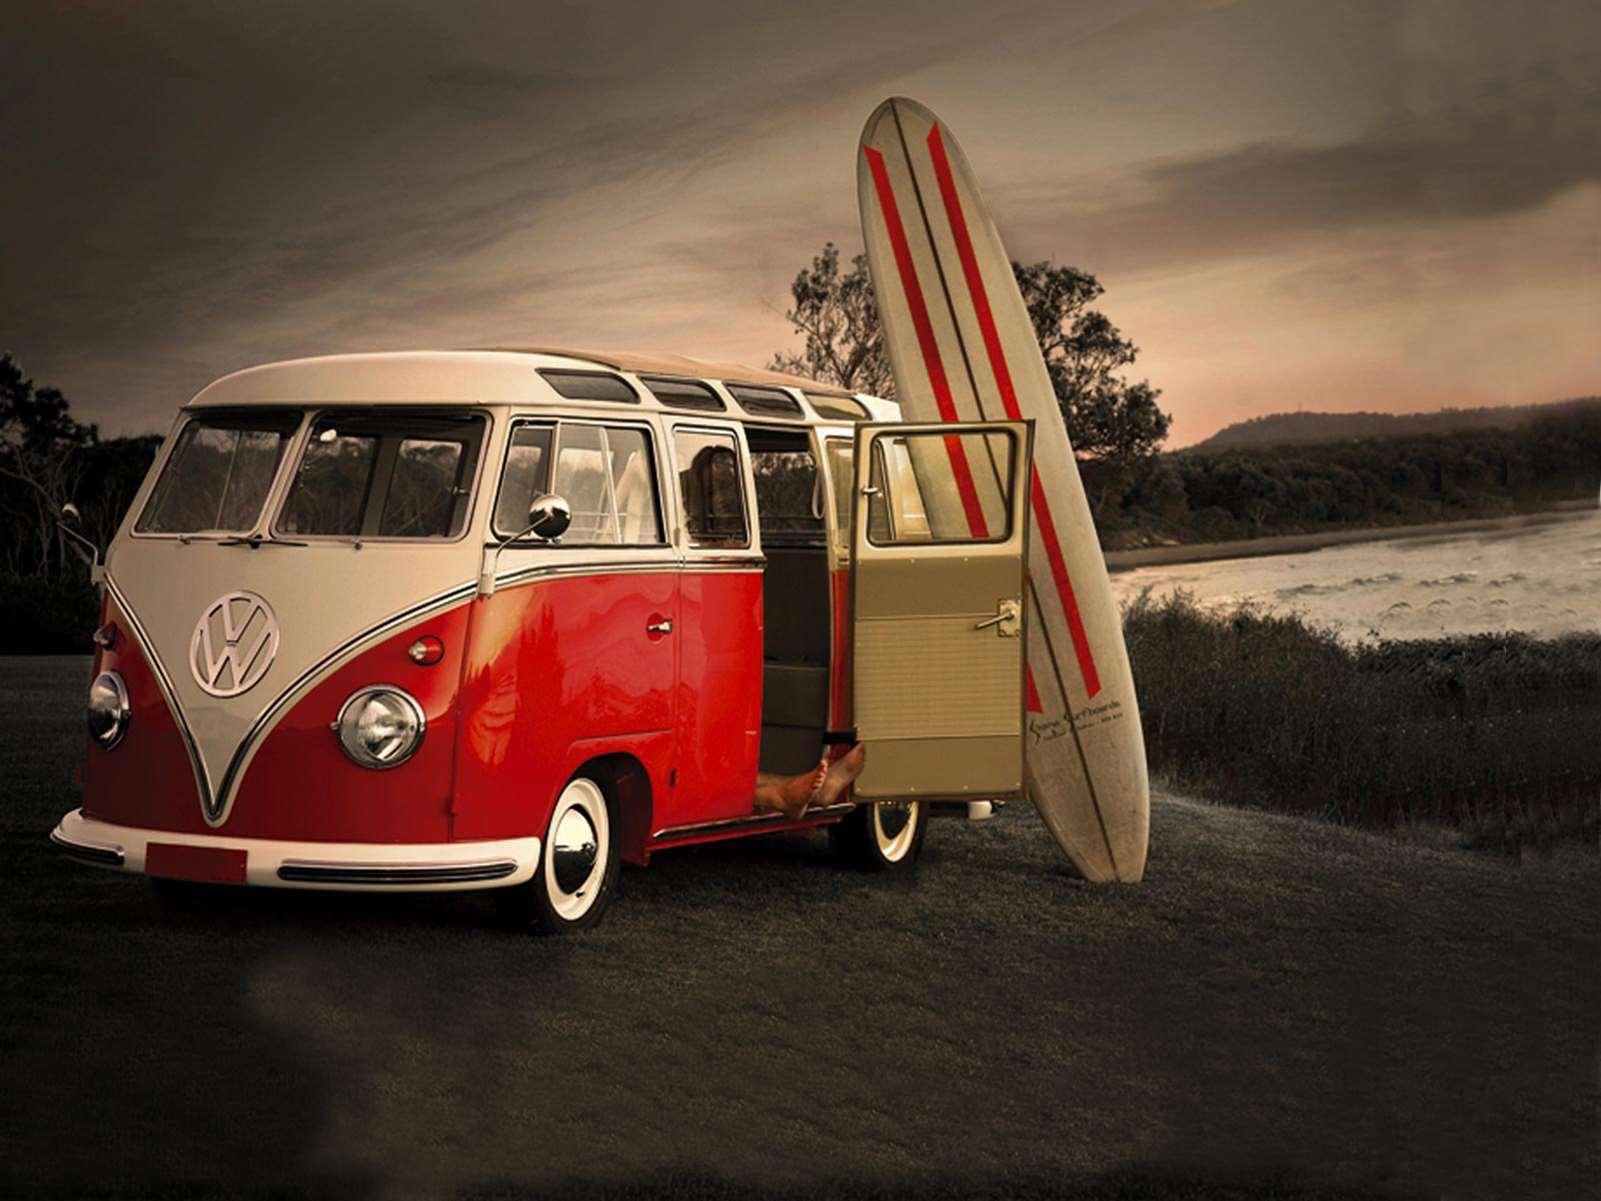 Με τα αυτοκινούμενα τροχόσπιτα κάνεις διακοπές όπου θες